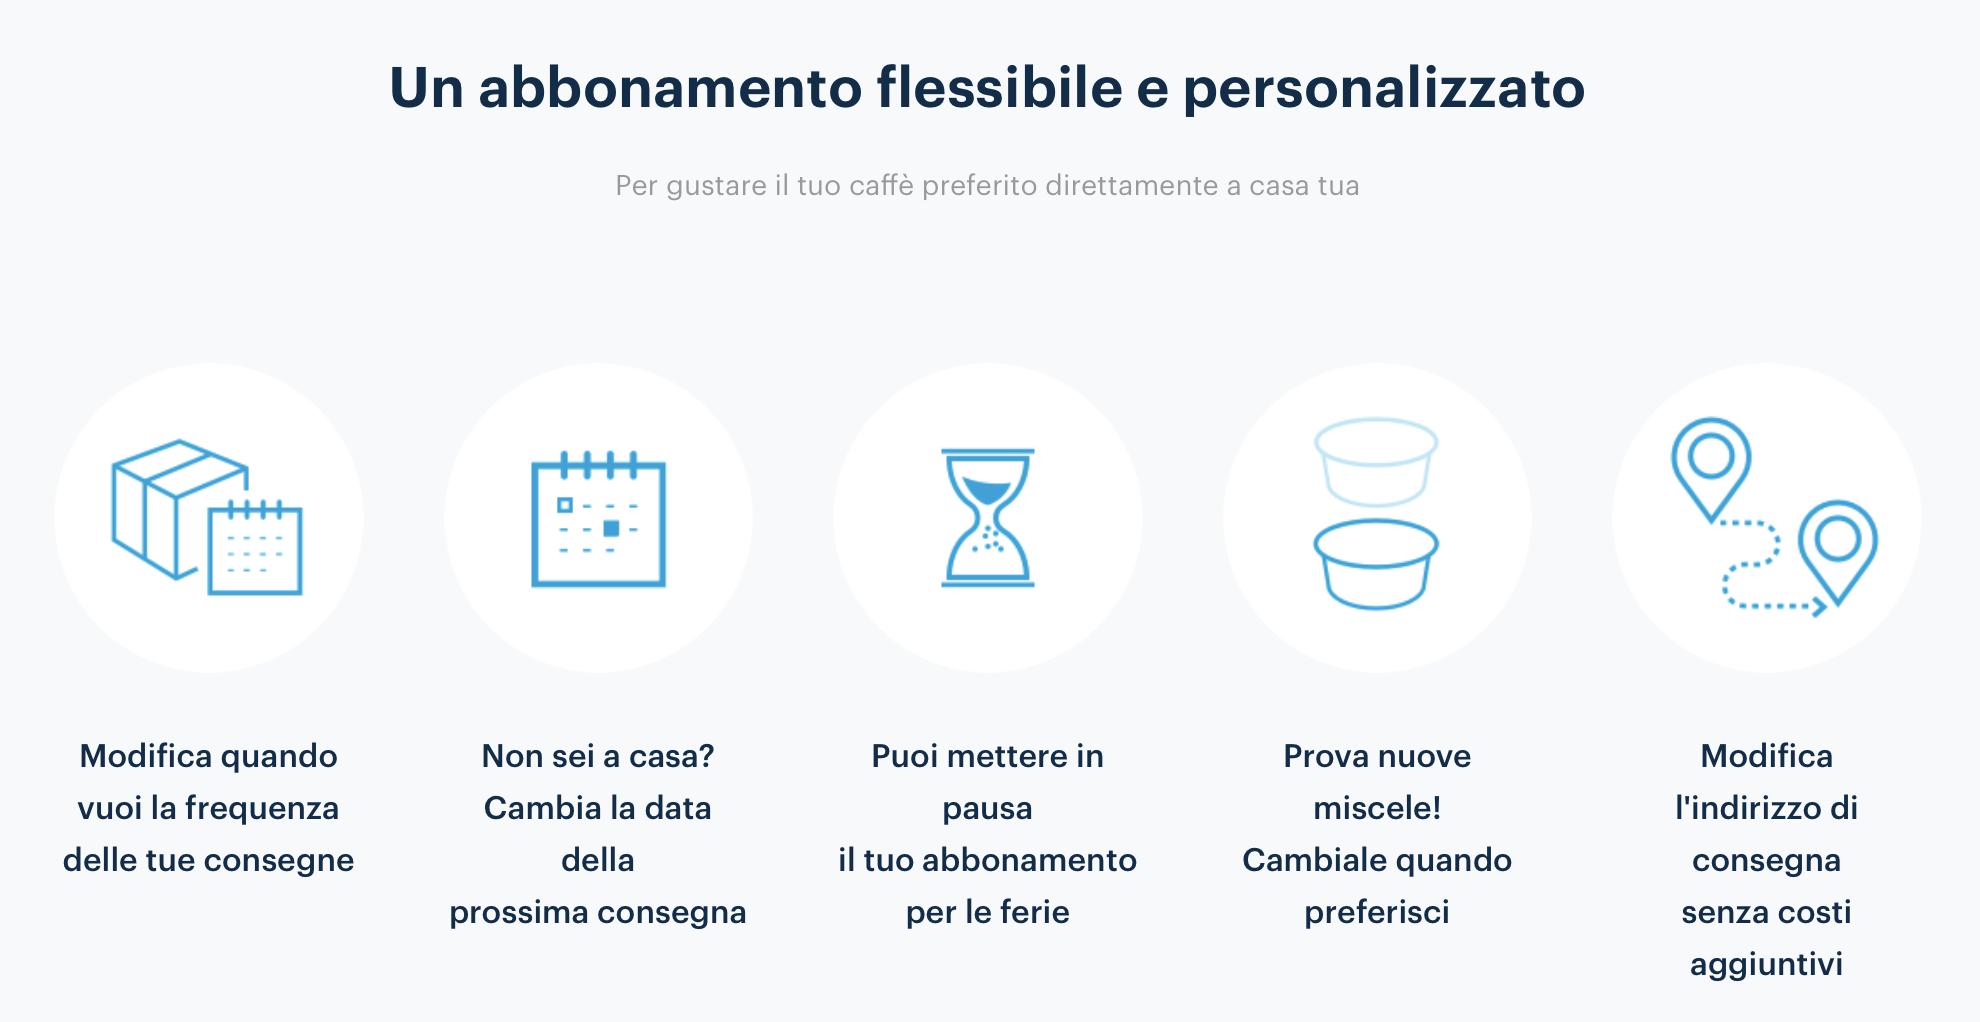 The great advantageof Lavazza da te is a flexibility and personalized program